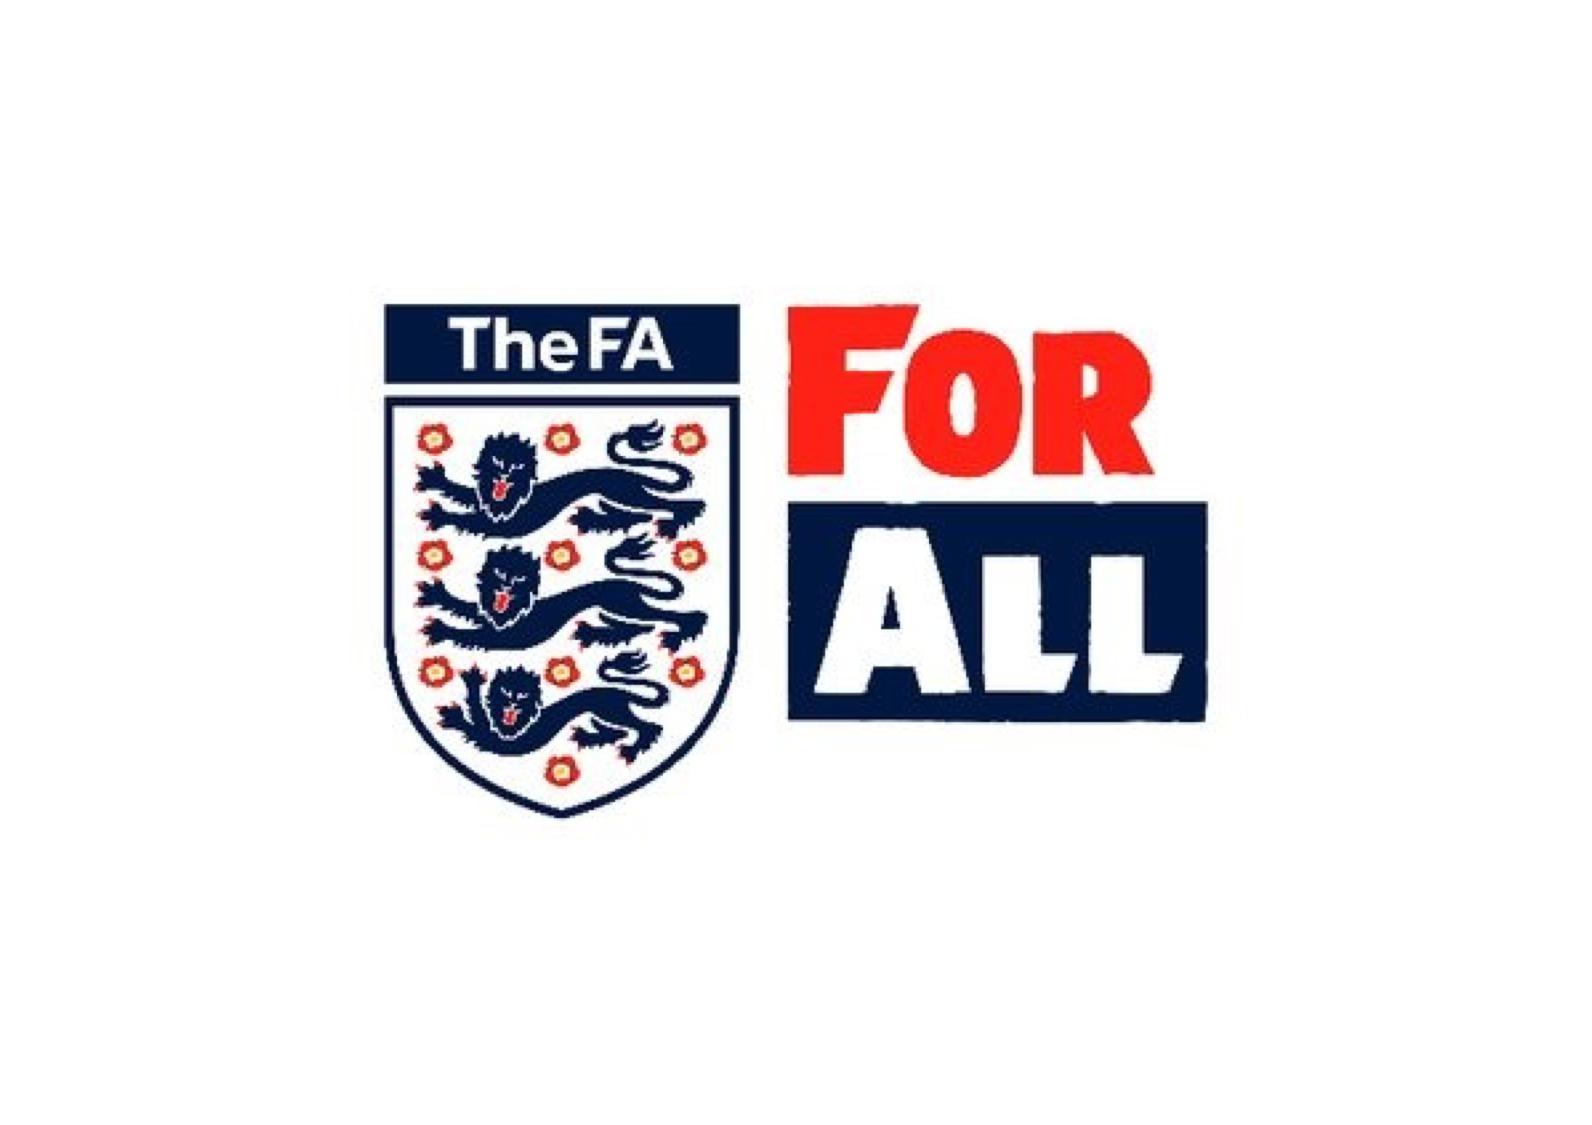 THE FA 2019